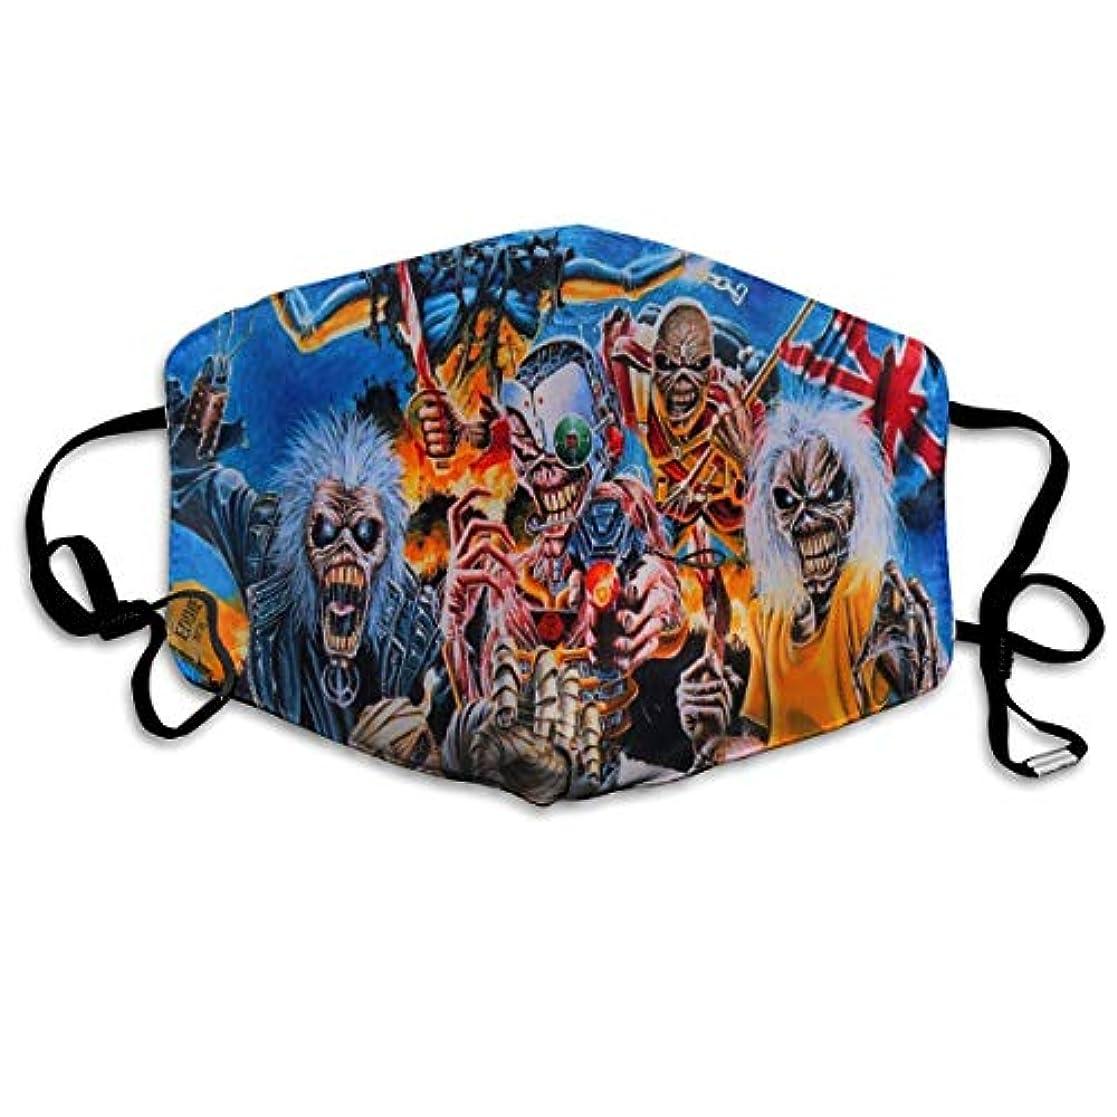 撤退最も遠い孤児マスク 男のマスク 女性のマスク Iron Maiden 病気を防ぐ、風邪を予防する、インフルエンザの季節性風邪を予防する、口と鼻を保護する、パーソナライズドマスク